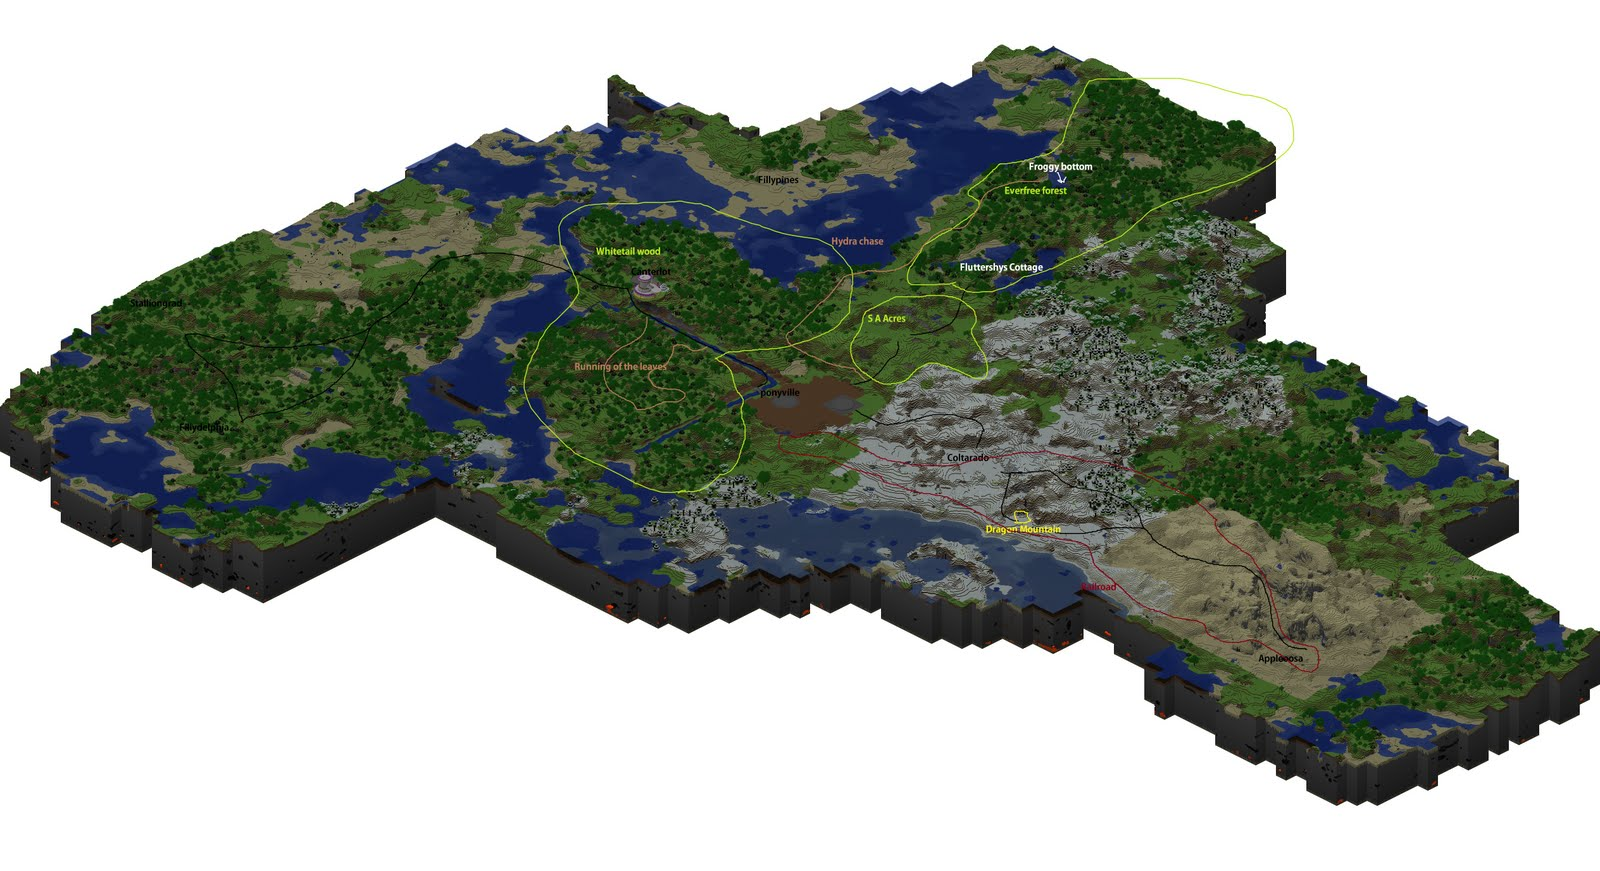 http://1.bp.blogspot.com/-FnO1kjsQ_UQ/TZaFqo3WBRI/AAAAAAAAAAg/xRoMZQ75nDY/s1600/Equestria_isometric_north.jpg